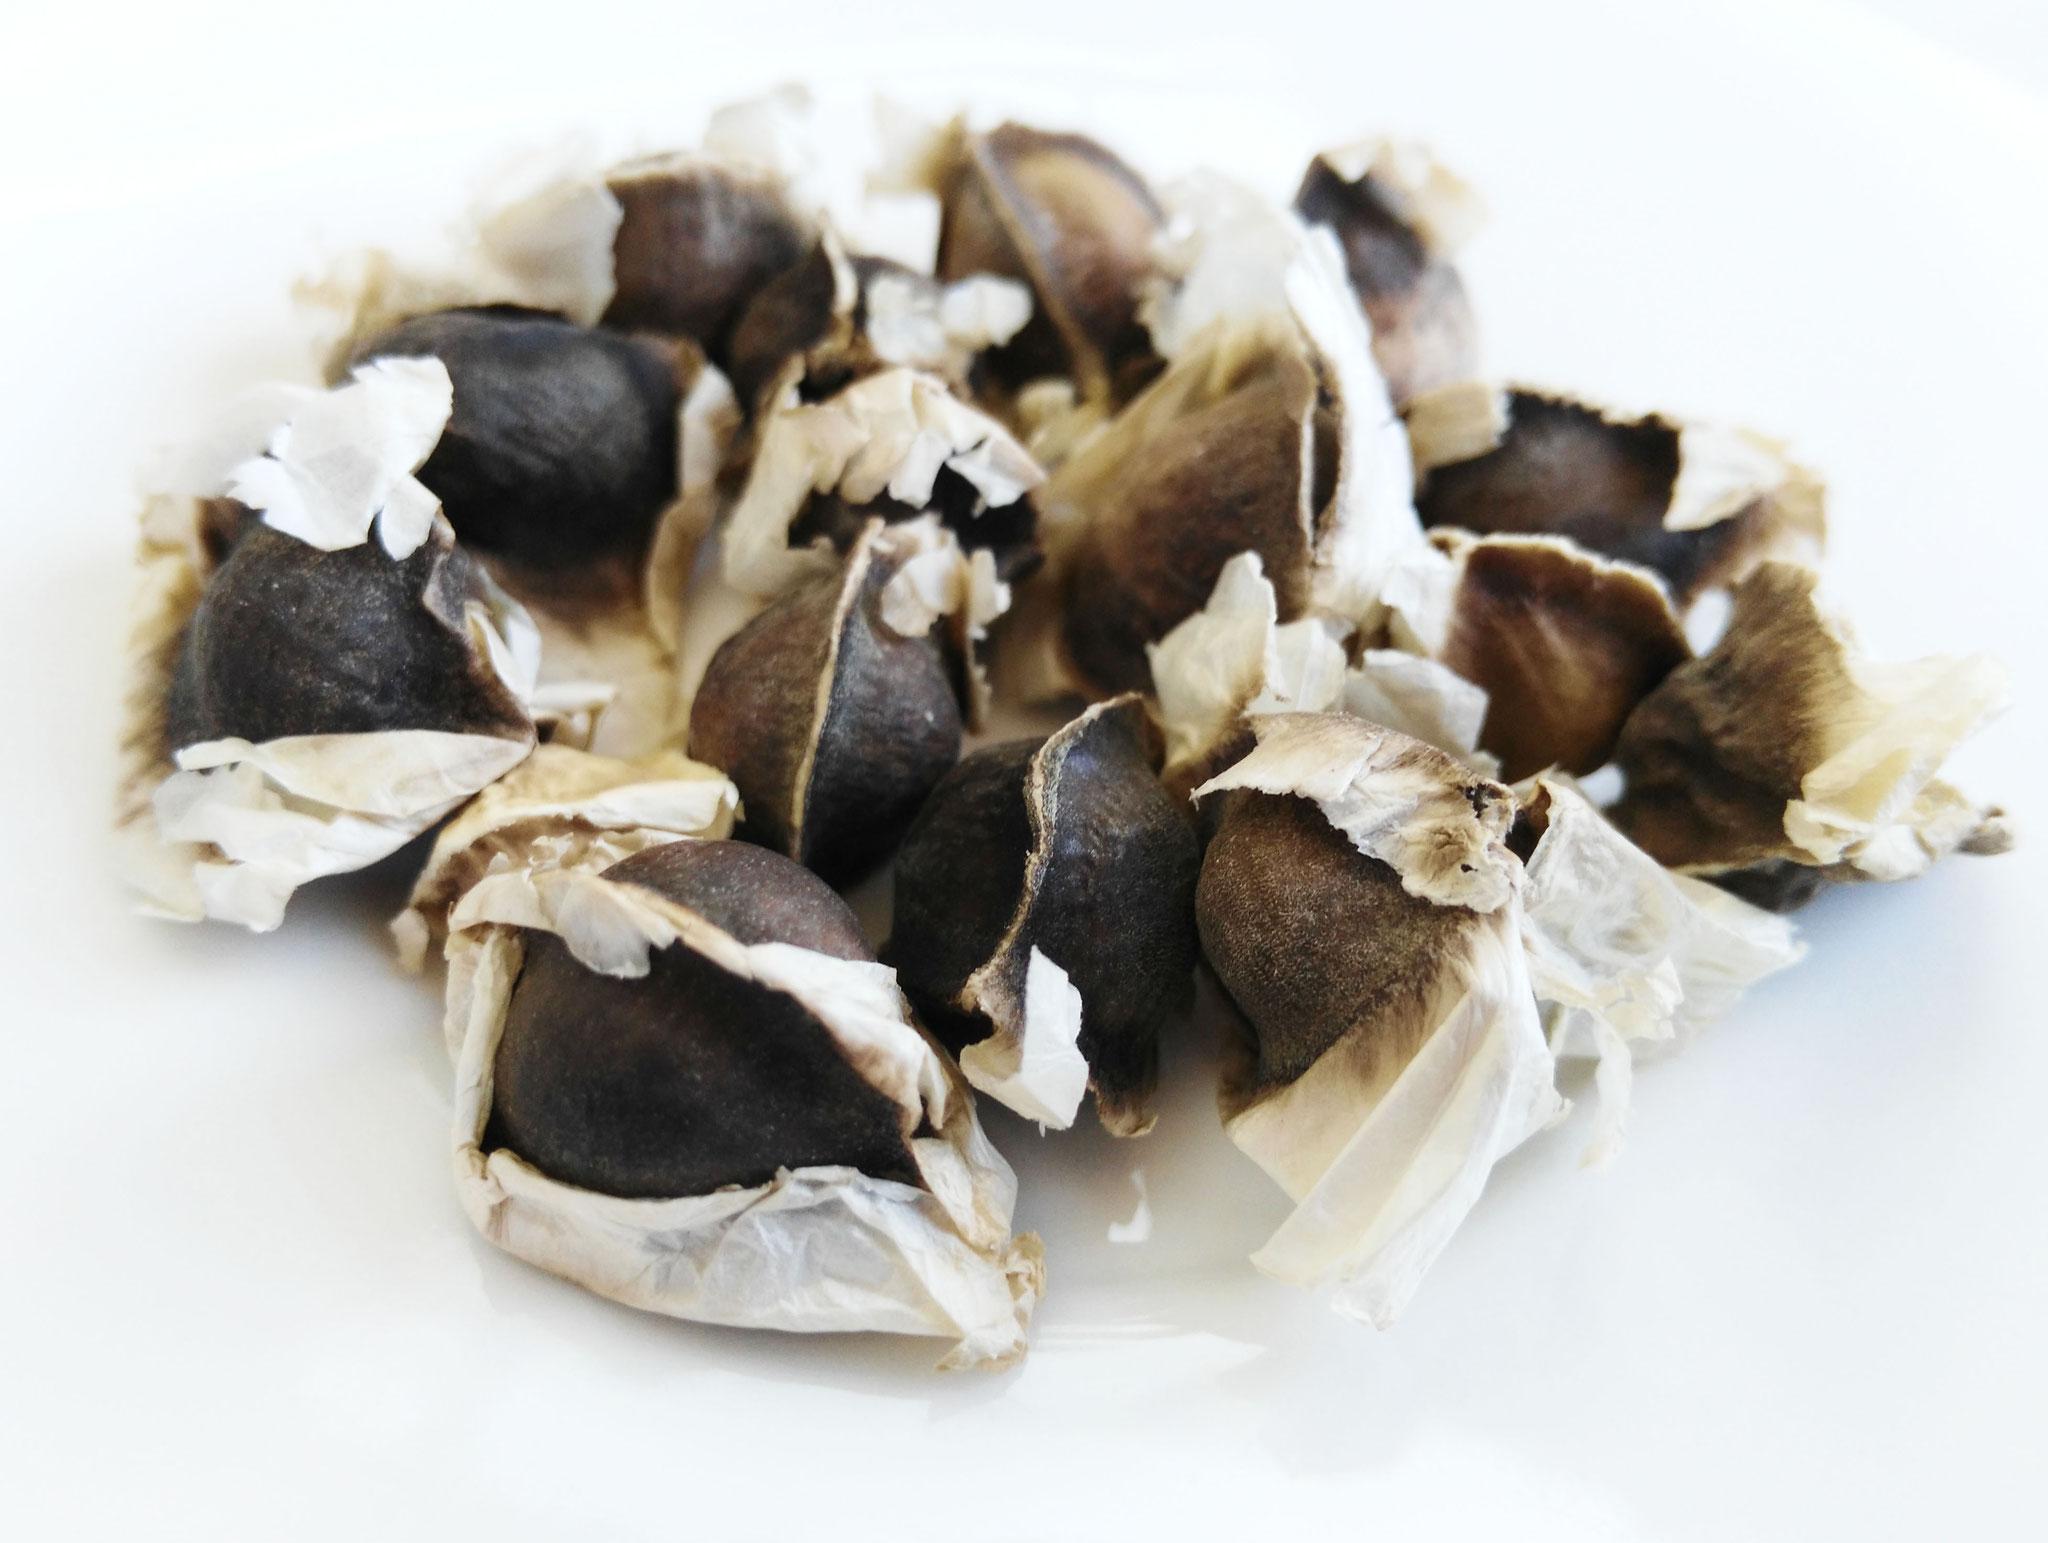 Semillas de Moringa Oleifera = 3,95 € (100 semillas)